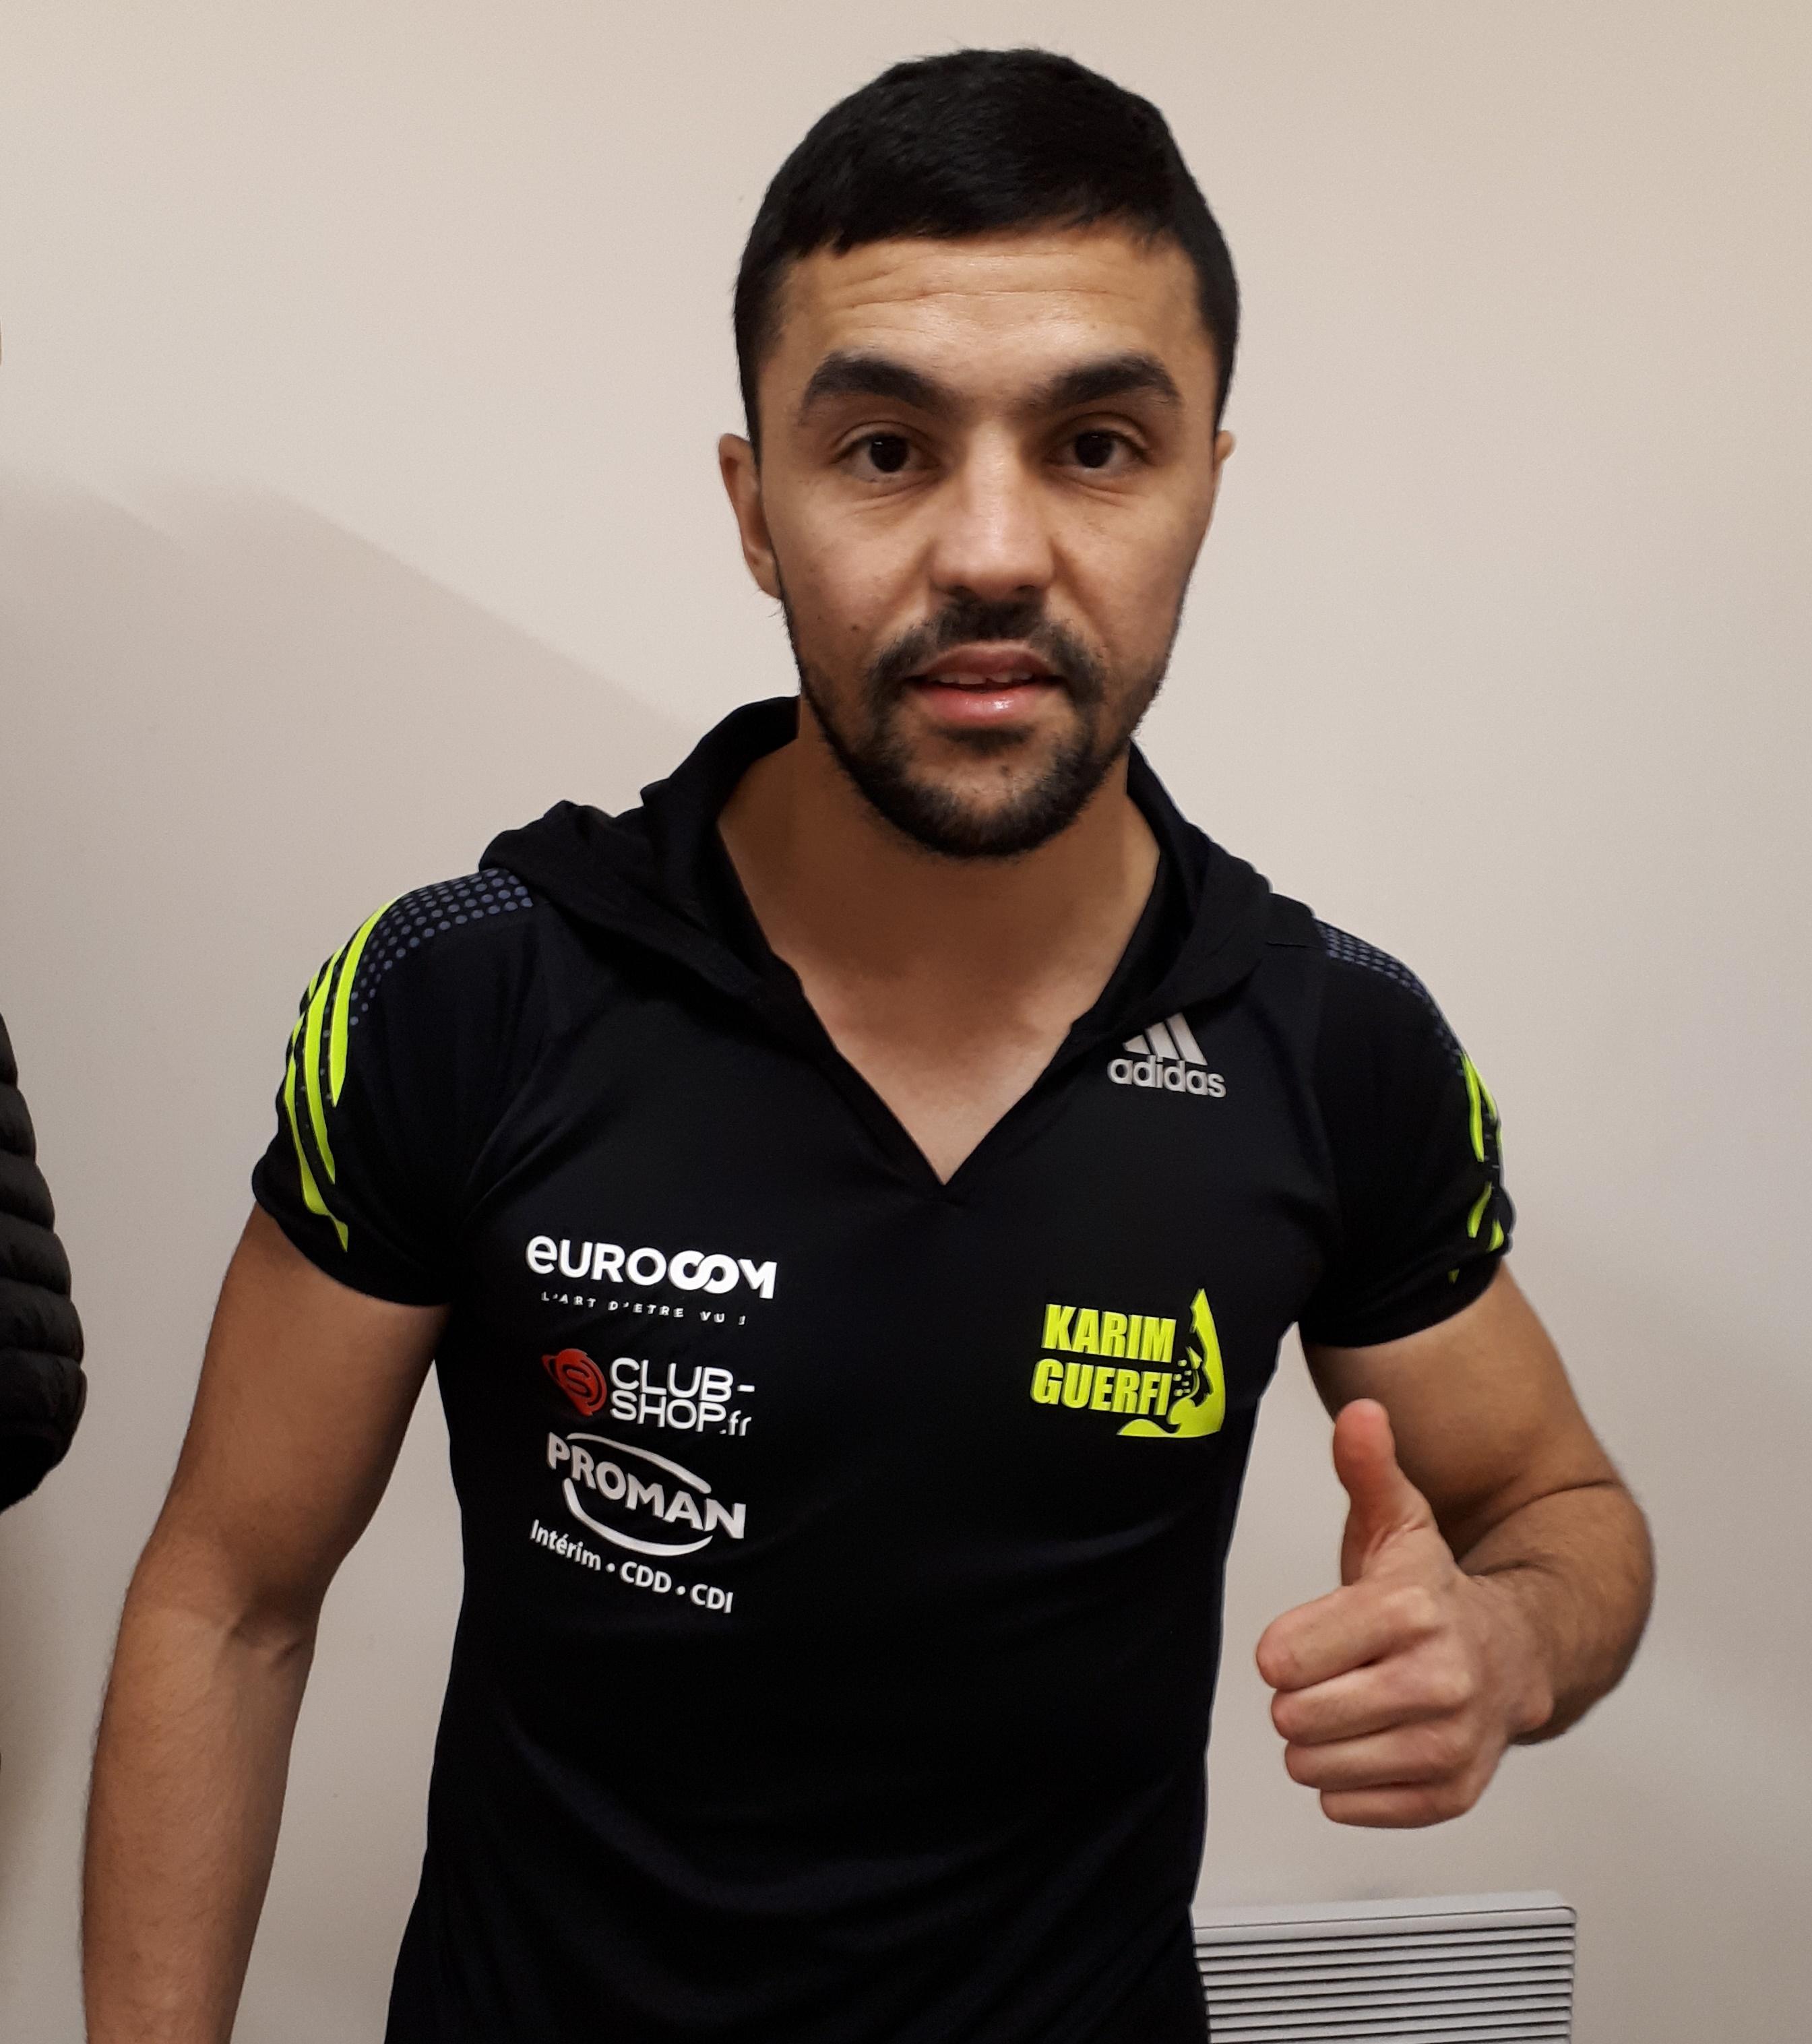 Le boxeur Karim Guerfi vise un titre mondial